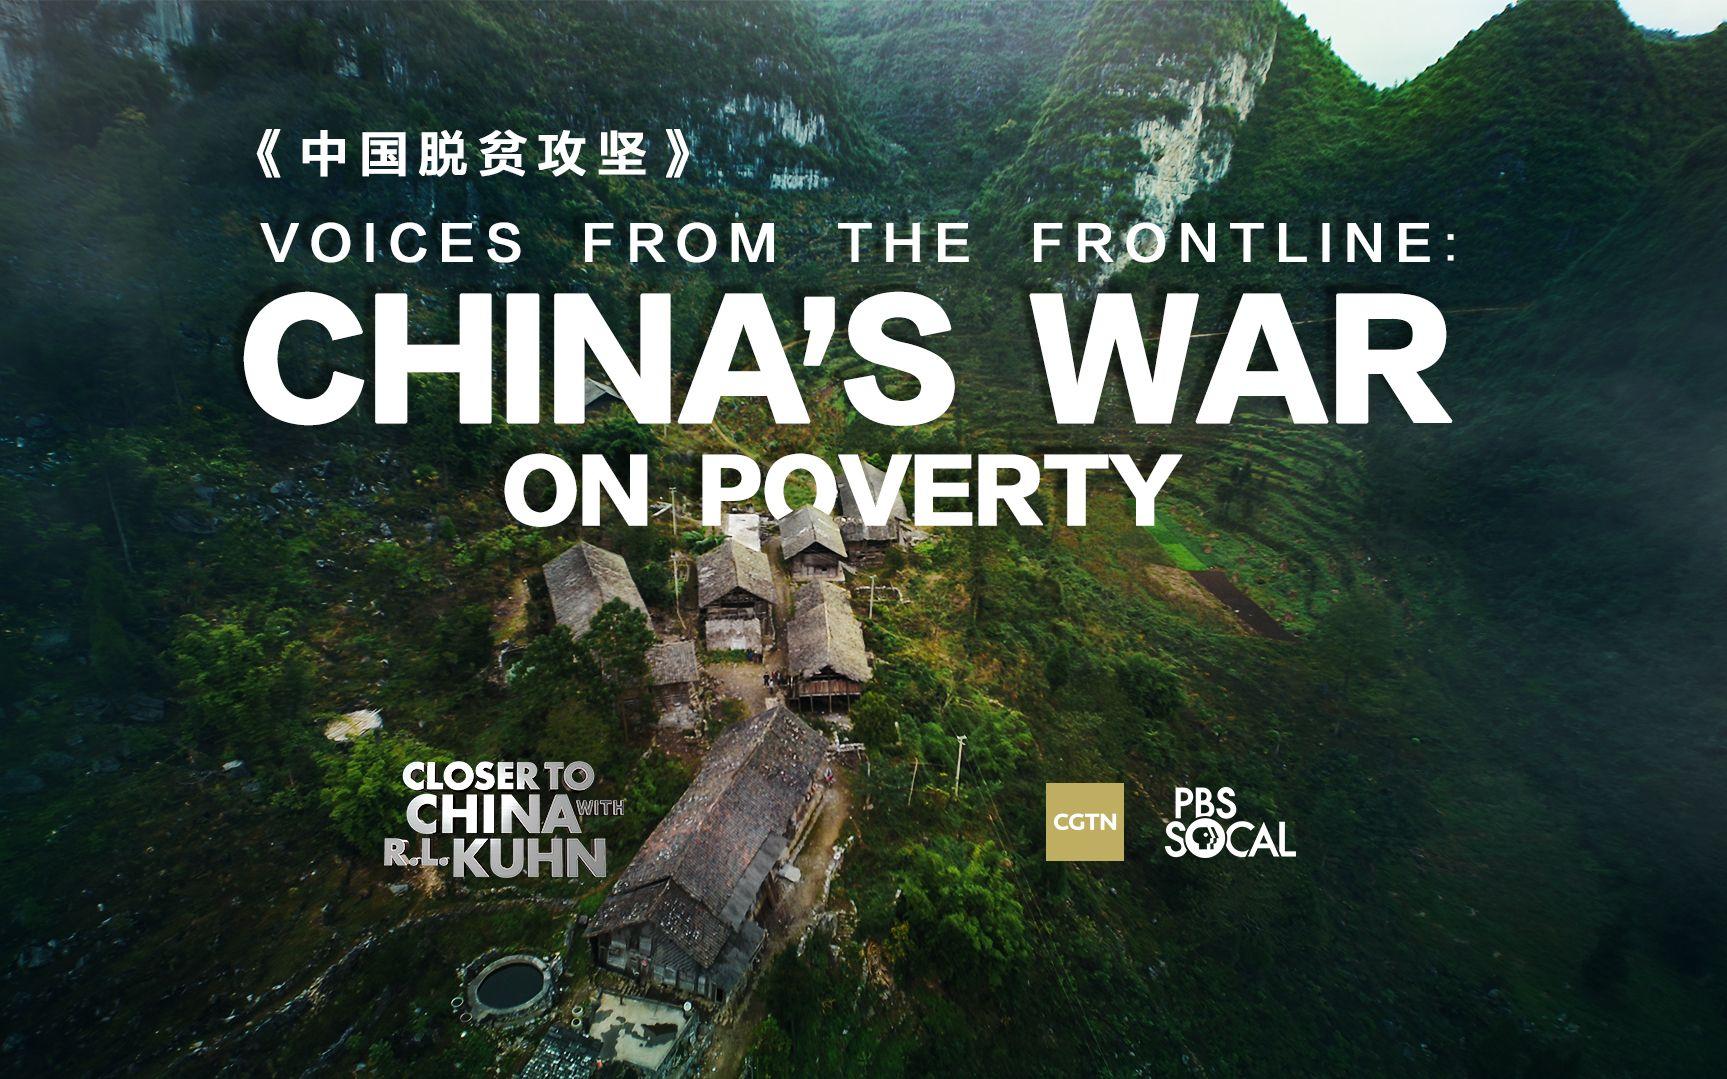 紀錄片《中國脫貧攻堅》。受訪者供圖